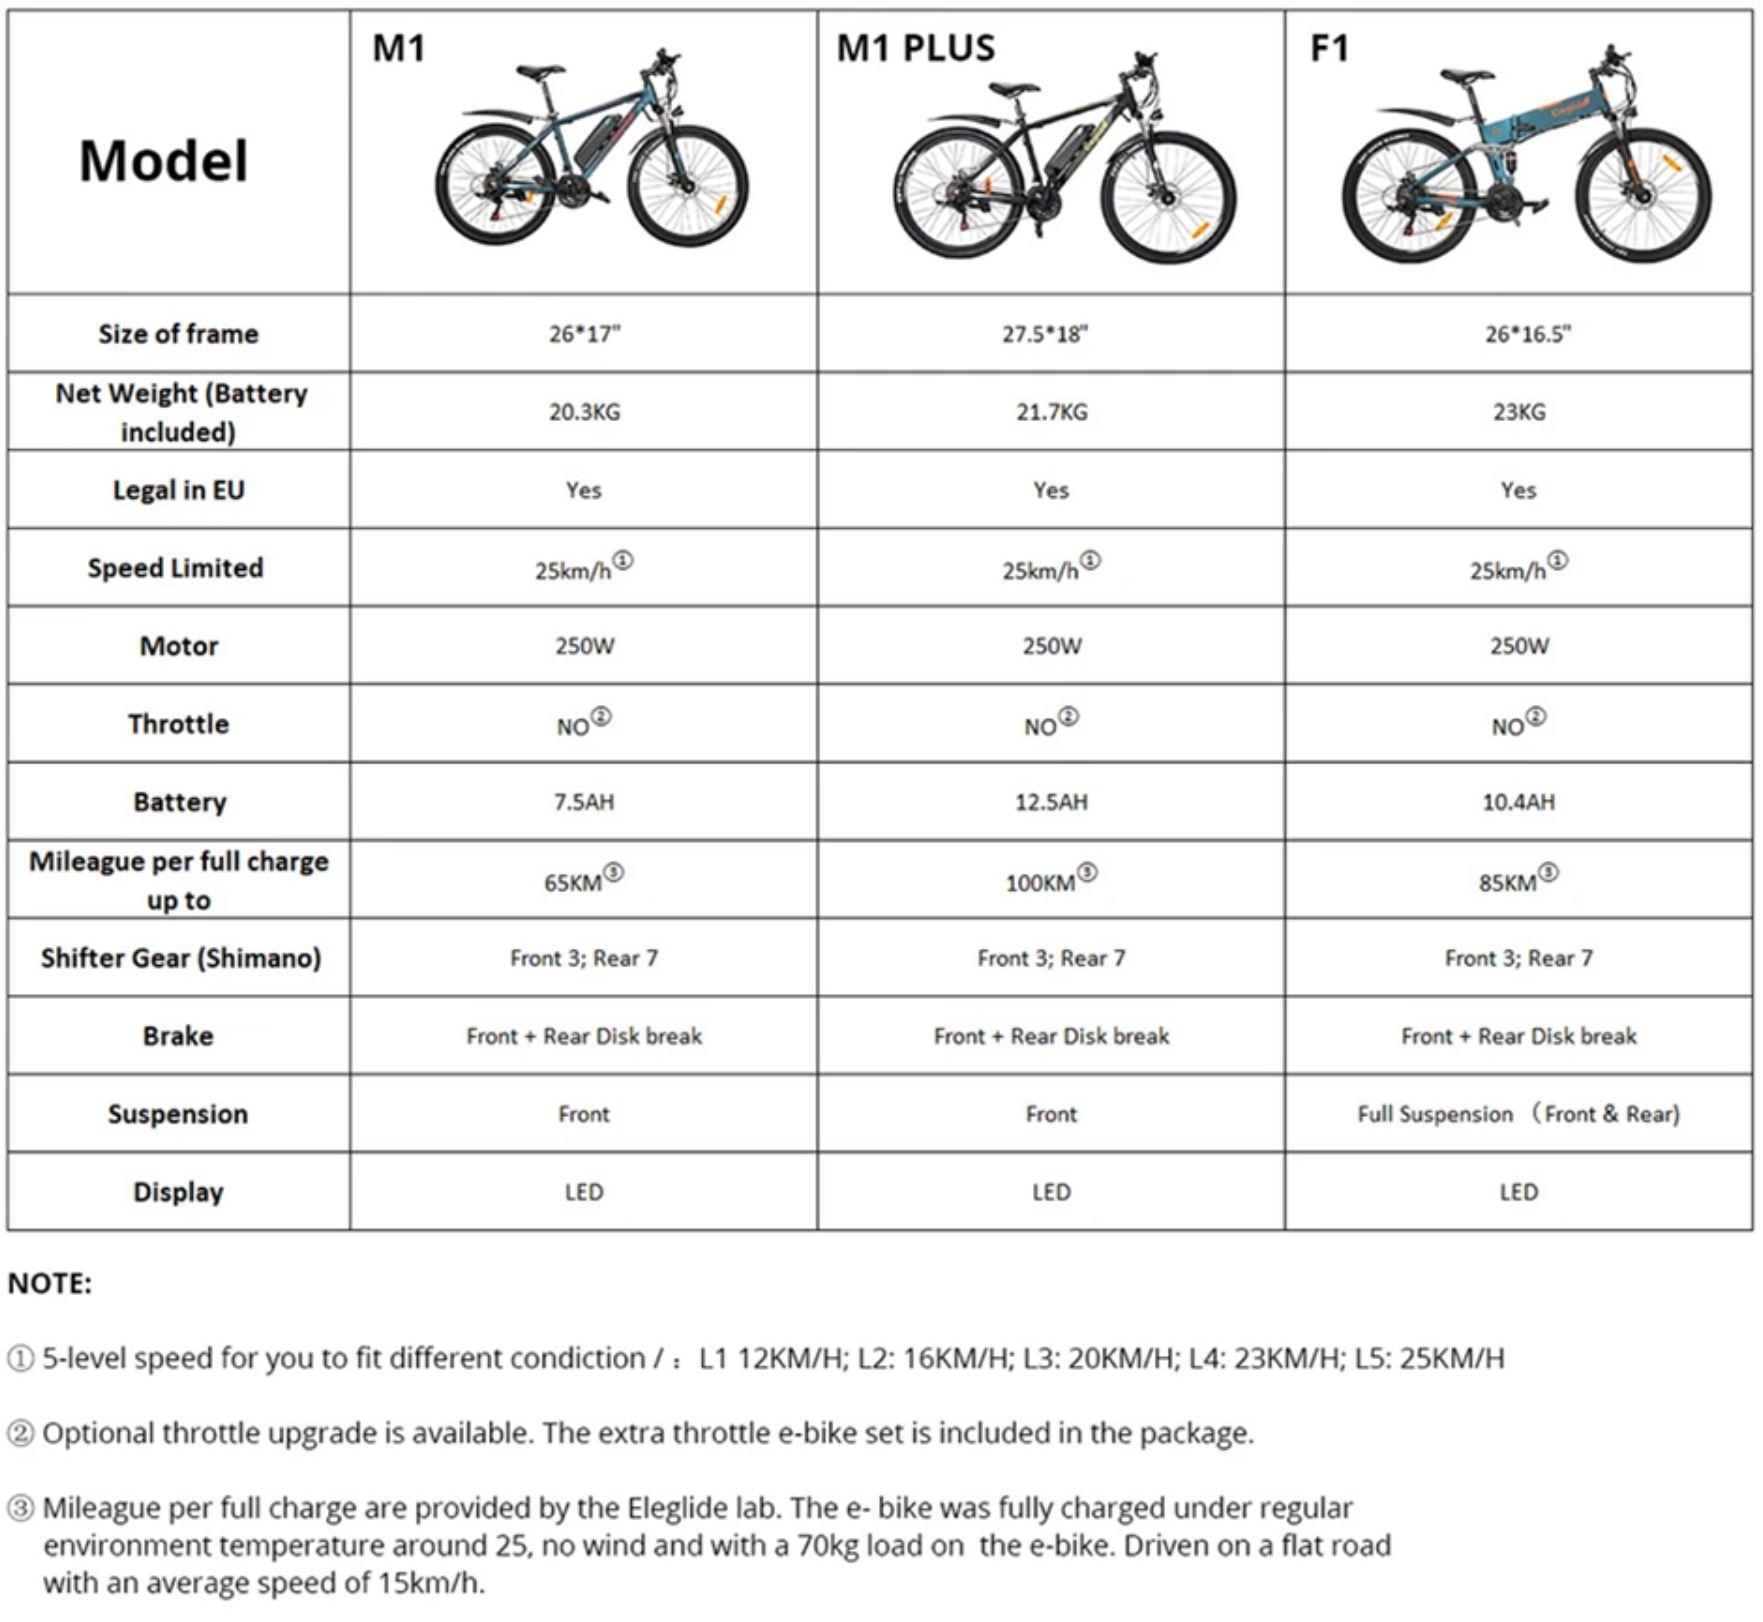 Elektryczne rowery górskie Eleglide o zasięgu do 100 km - porównanie poszczególnych modeli - Eleglide M1, M1 Plus i F1